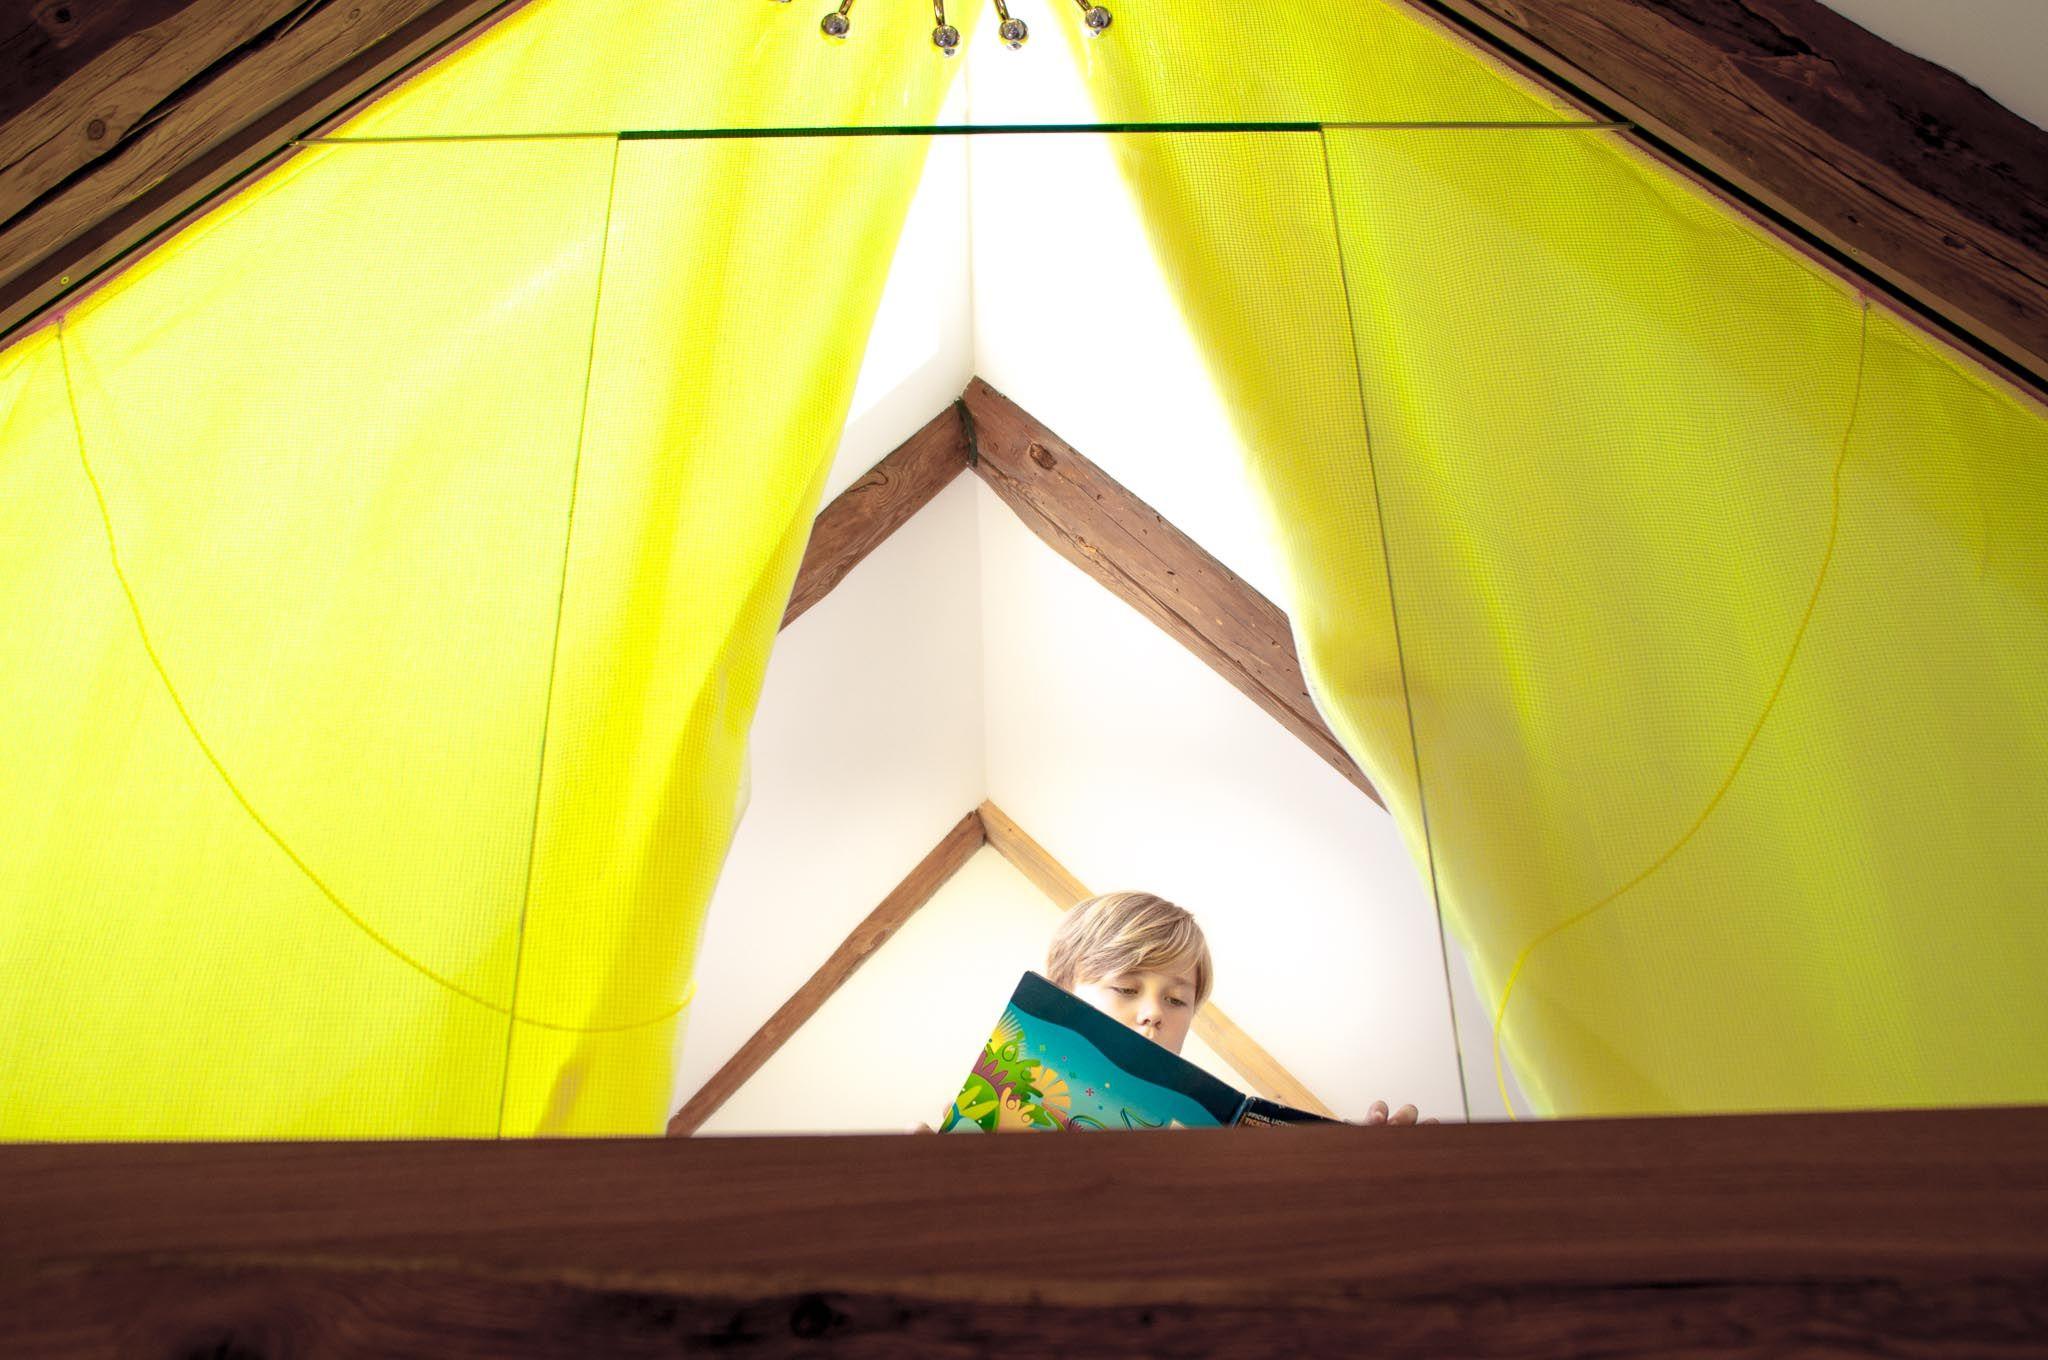 lesezimmer lesen bilderbuch versteck auguck vogelkoje dachboden schlafzimmer spitzboden. Black Bedroom Furniture Sets. Home Design Ideas